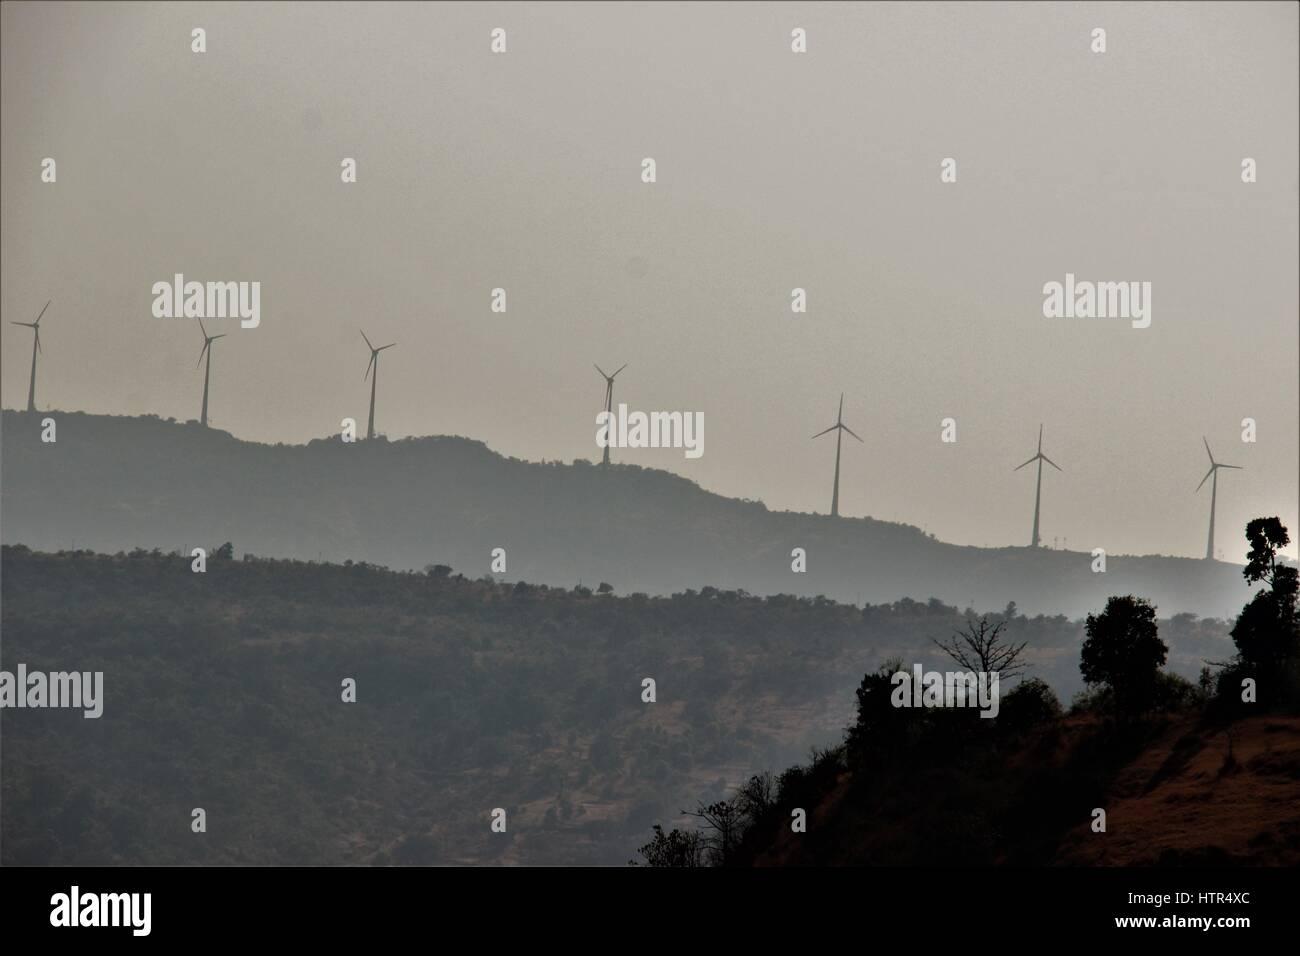 wind mills on Shayadri hills, Maharashtra, India - Stock Image